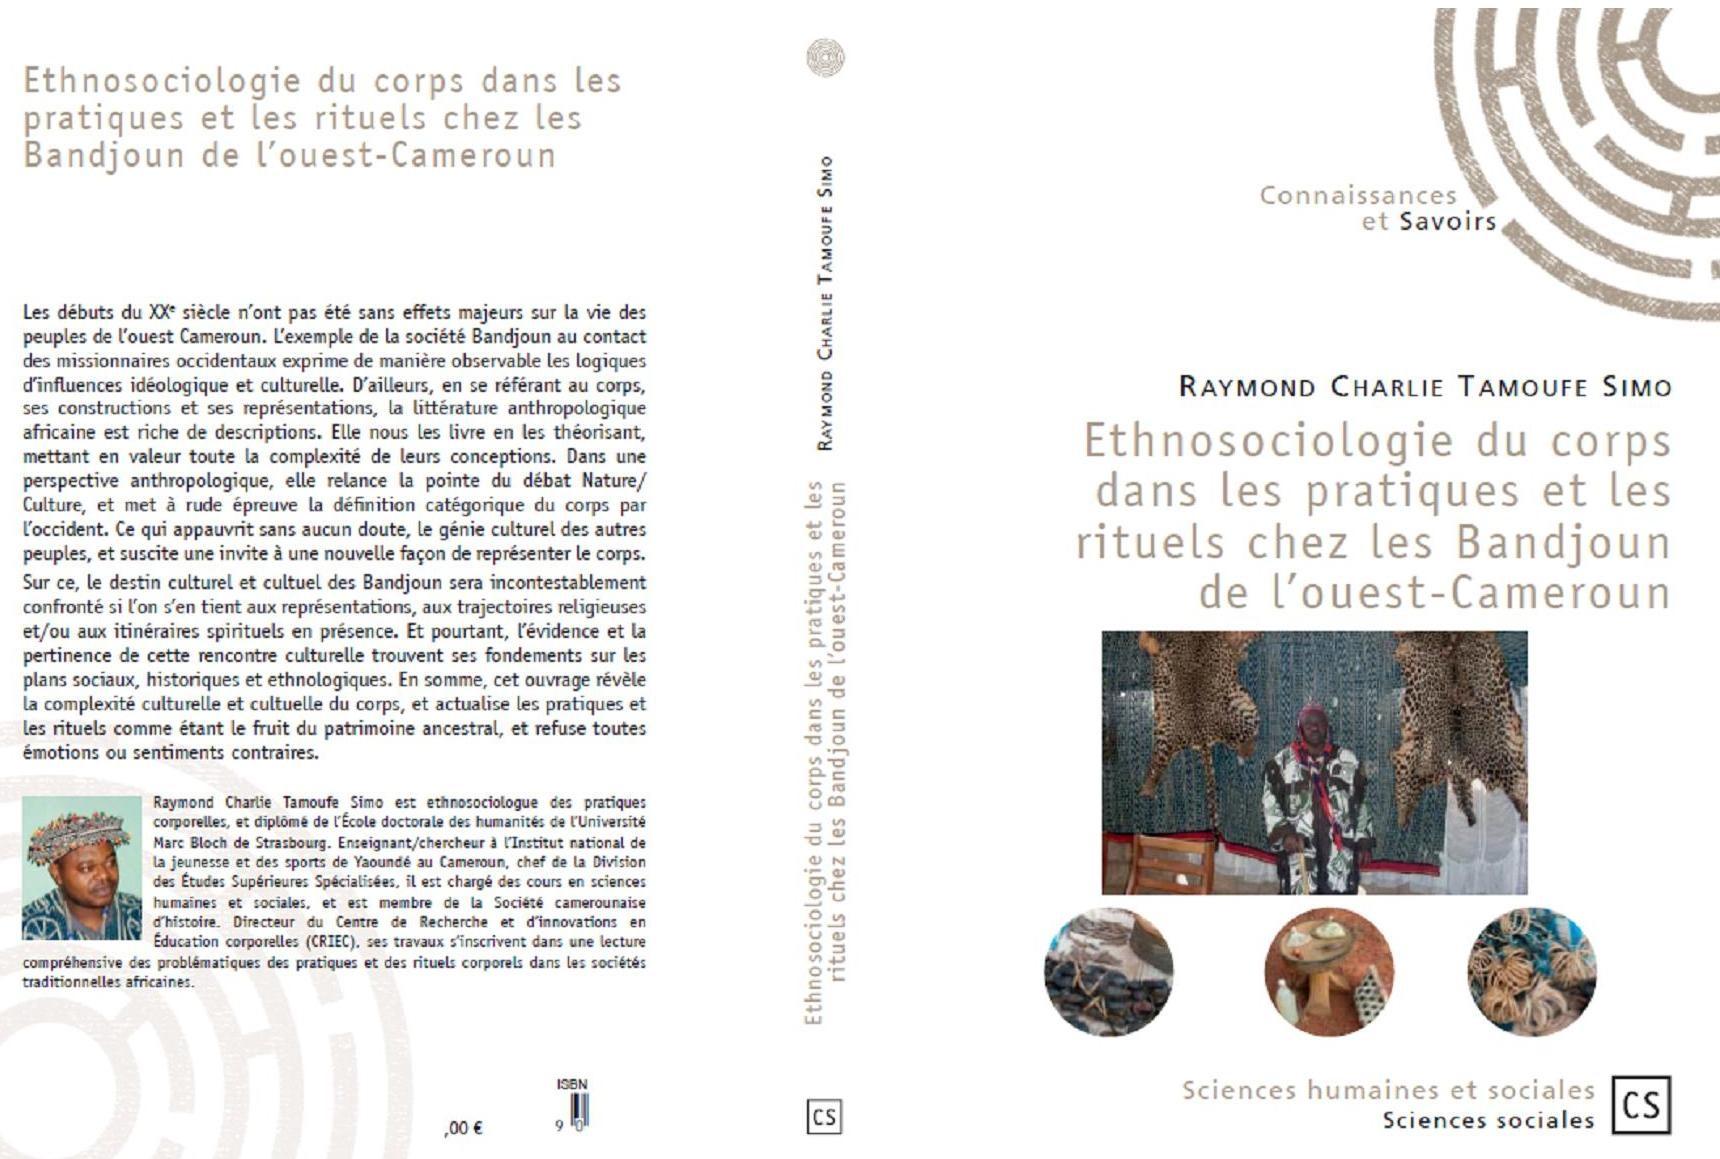 Développement de la recherche, Dr Tamoufe SIMO publie : Ethnosociologie du corps dans les pratiques et les rituels chez les Bandjoun de l'Ouest-Cameroun